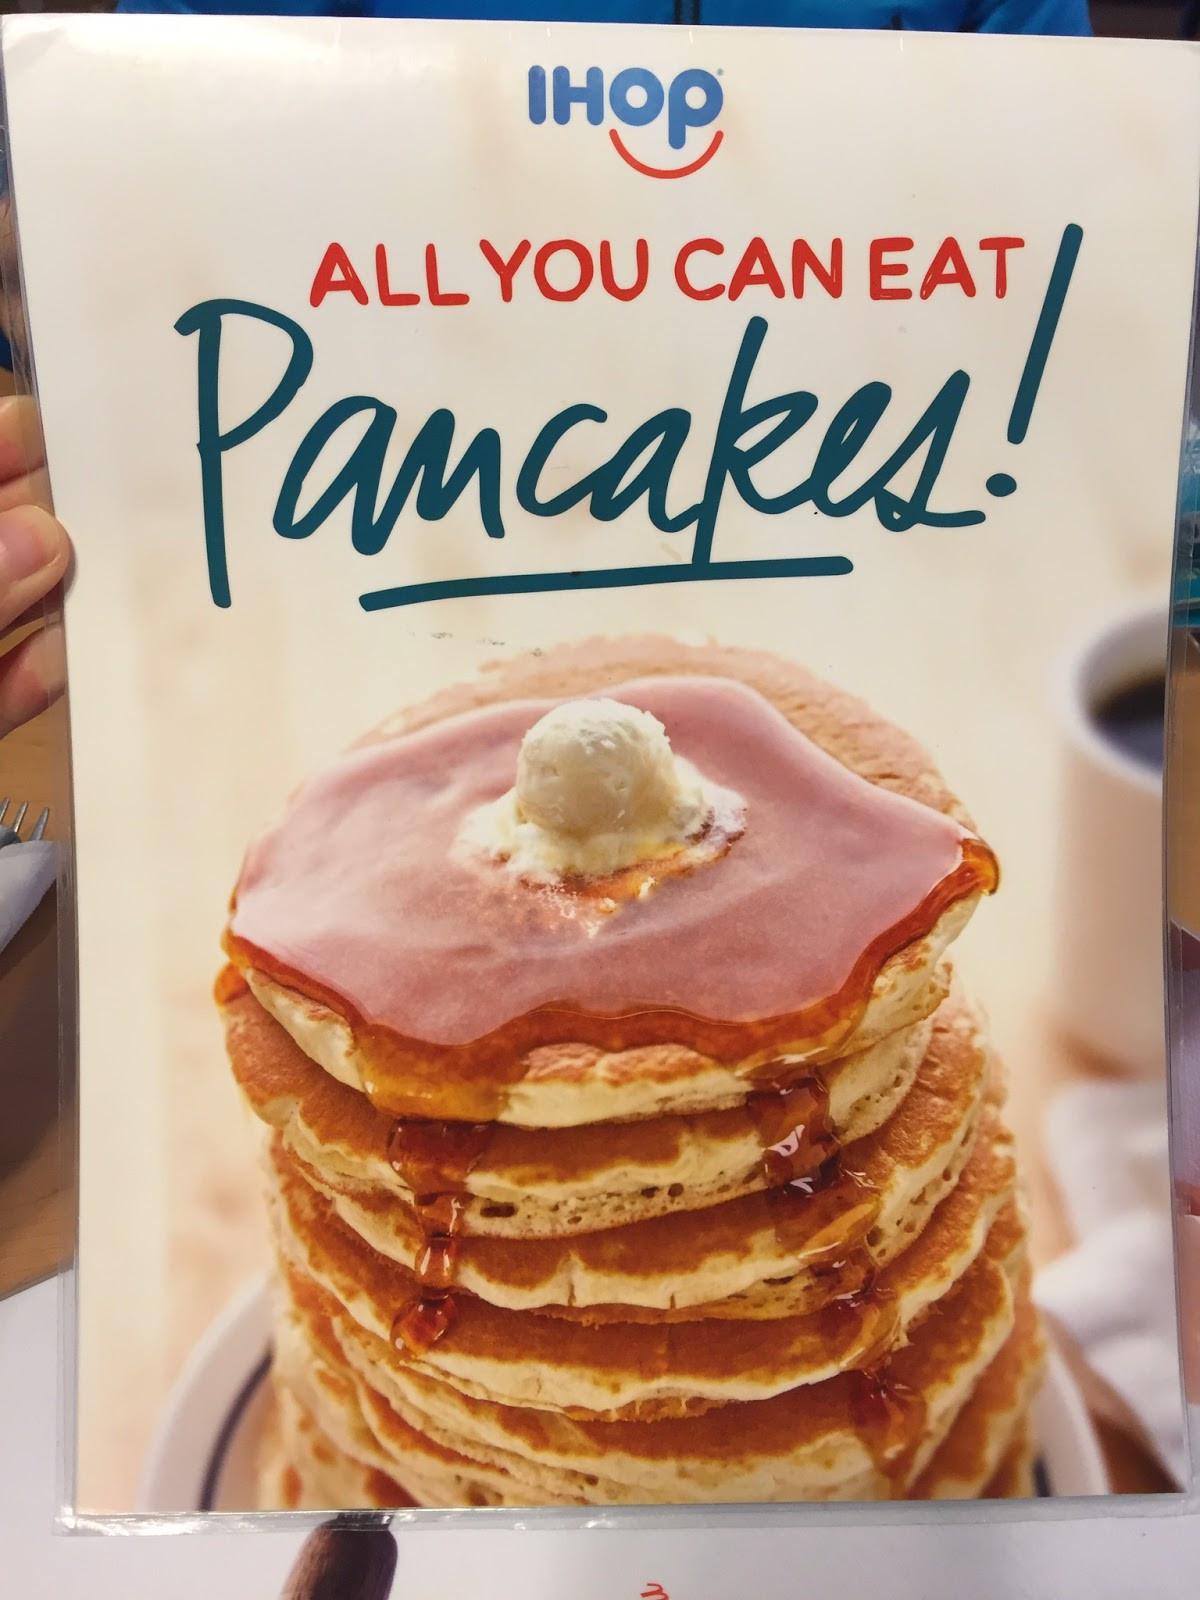 All You Can Eat Pancakes  All You Can Eat Pancakes At IHOP アイホップのパンケーキ食べ放題 I m